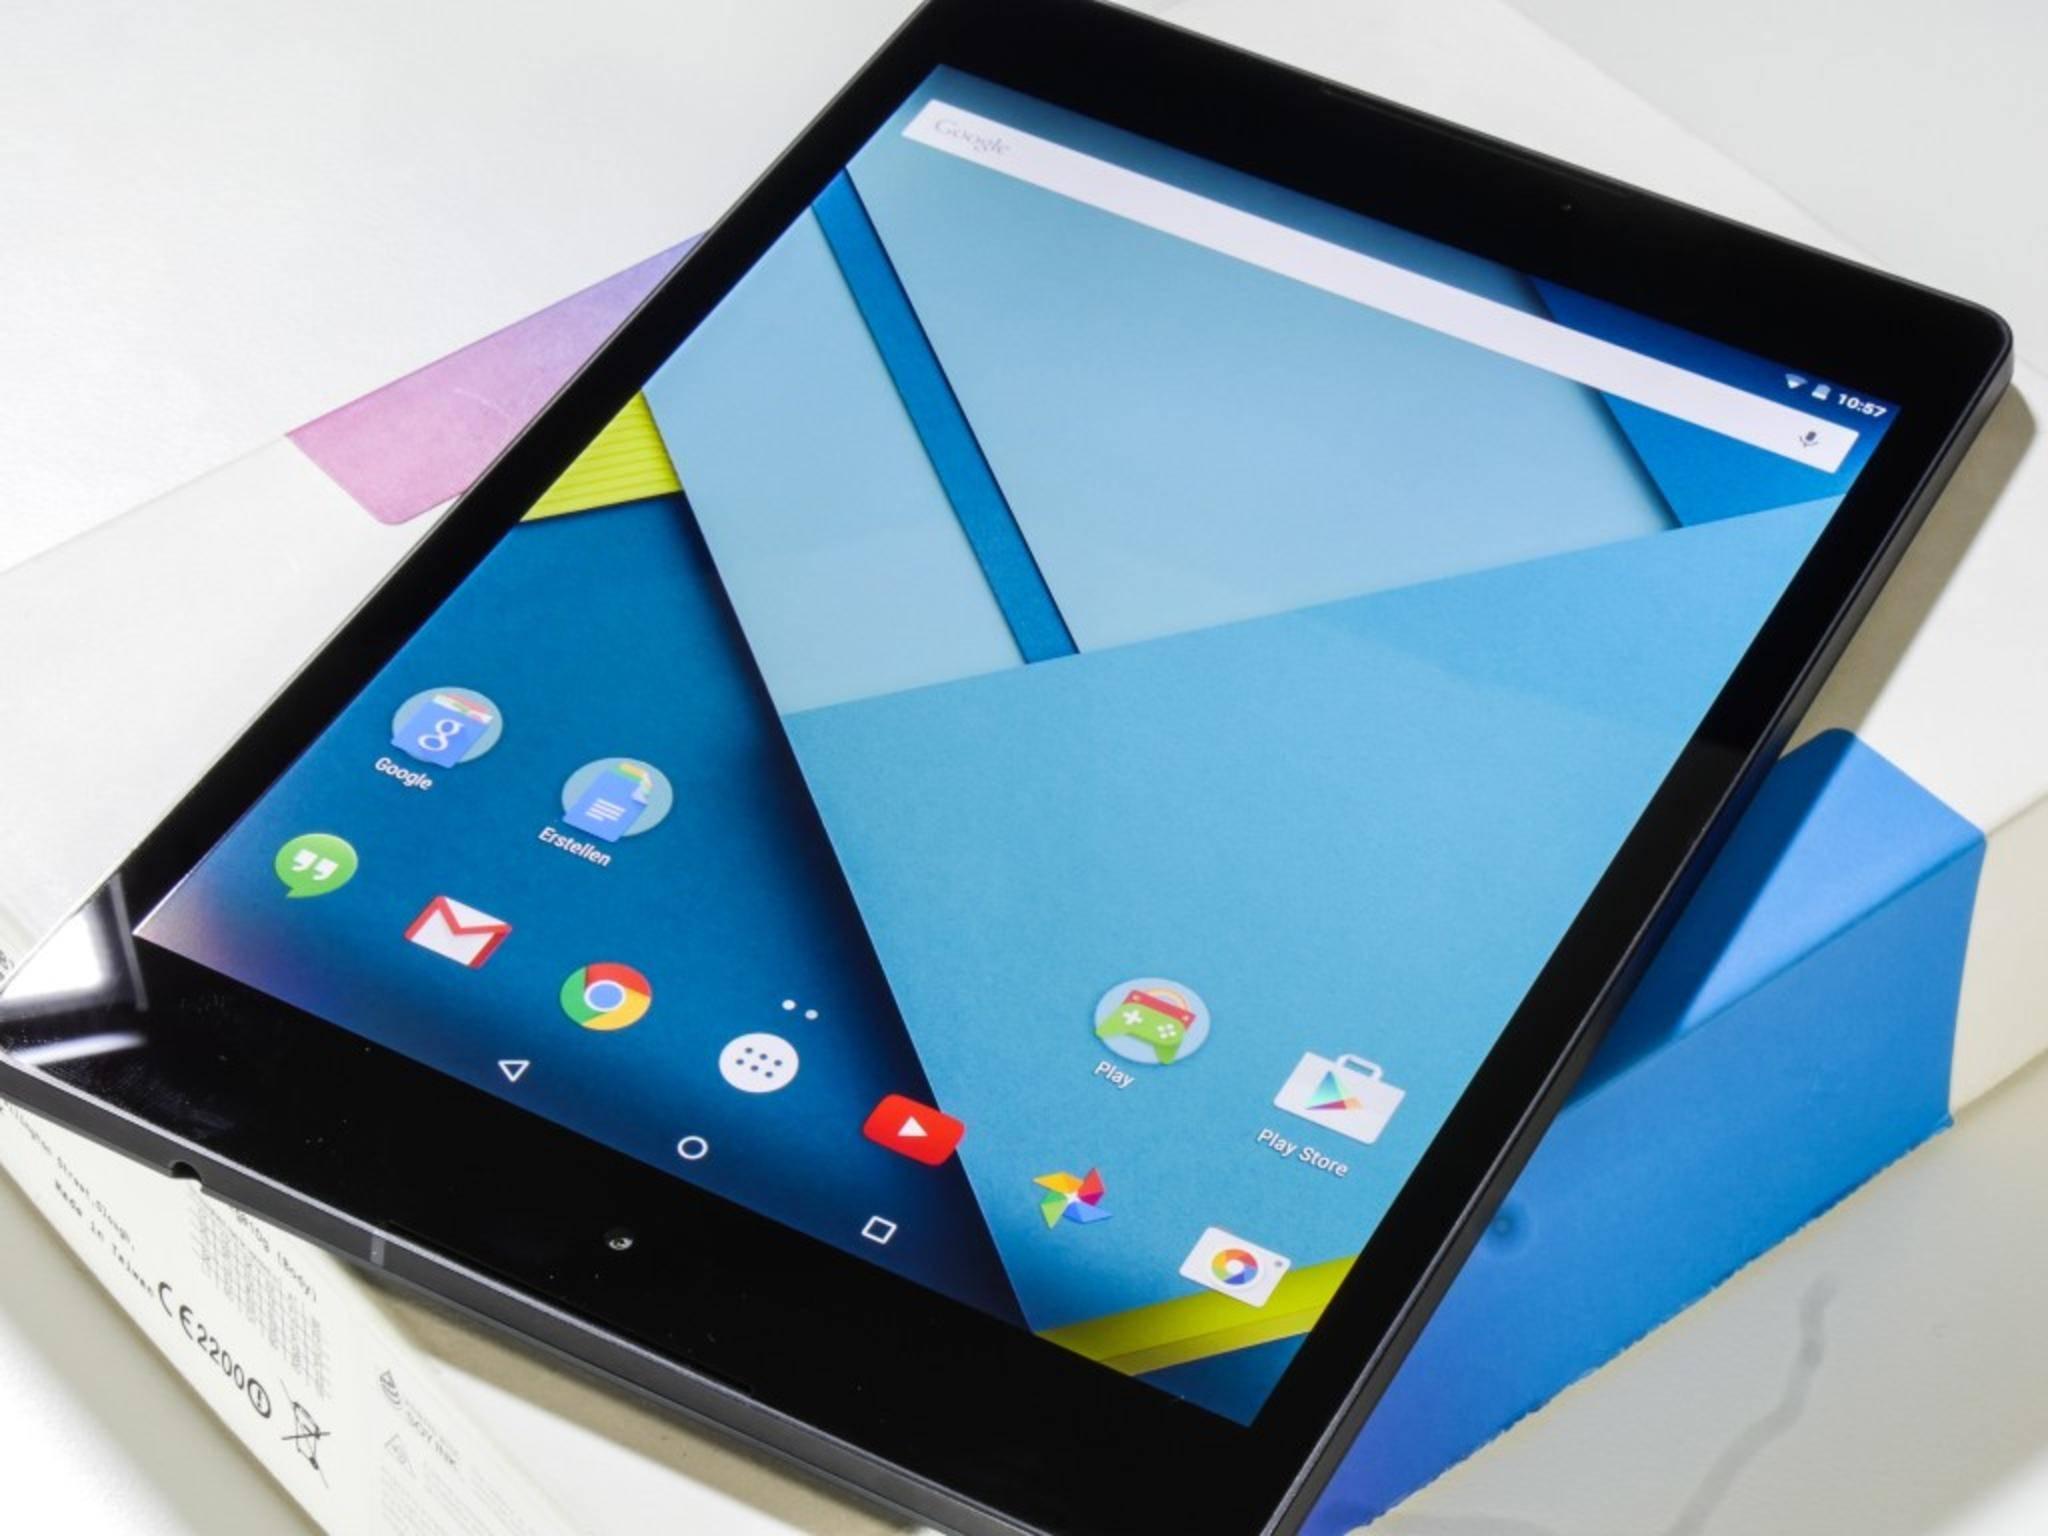 Das Nexus 9 ist das erste Tablet mit Android 5.0 Lollipop.